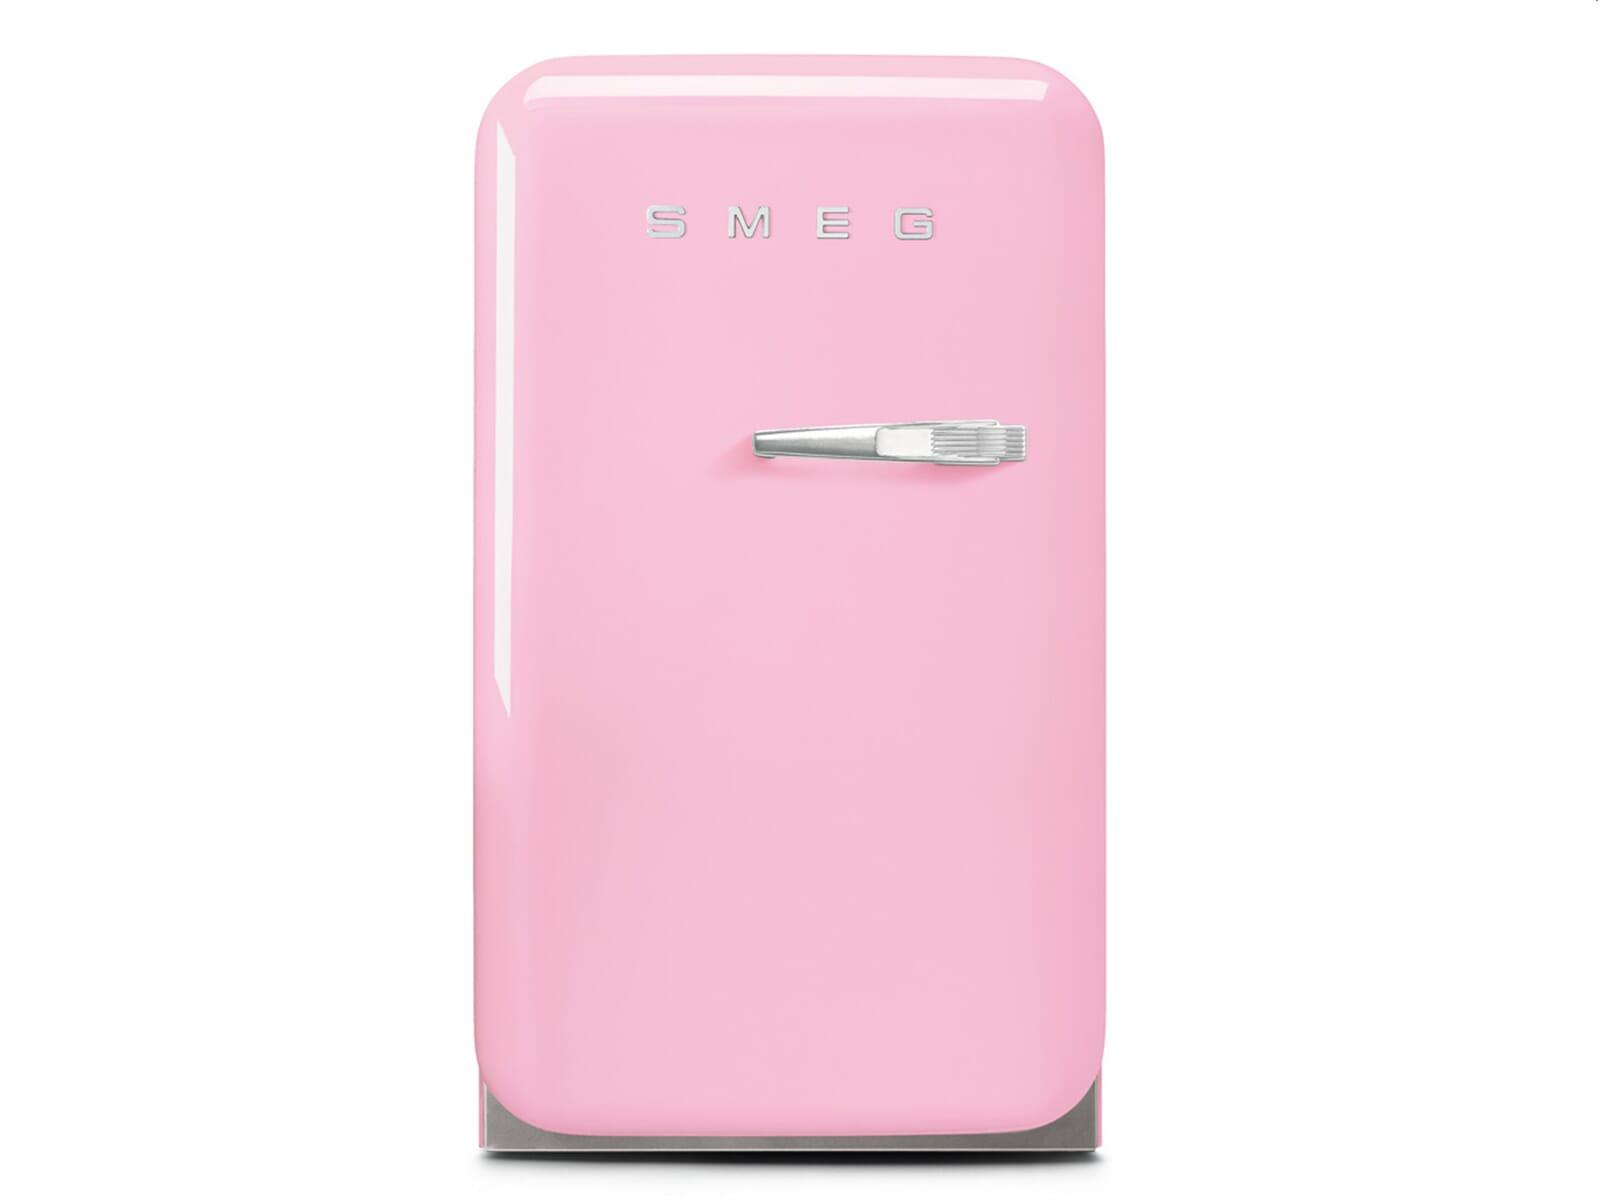 Smeg Kühlschrank Pink : Smeg fab lpk standkühlschrank cadillac pink